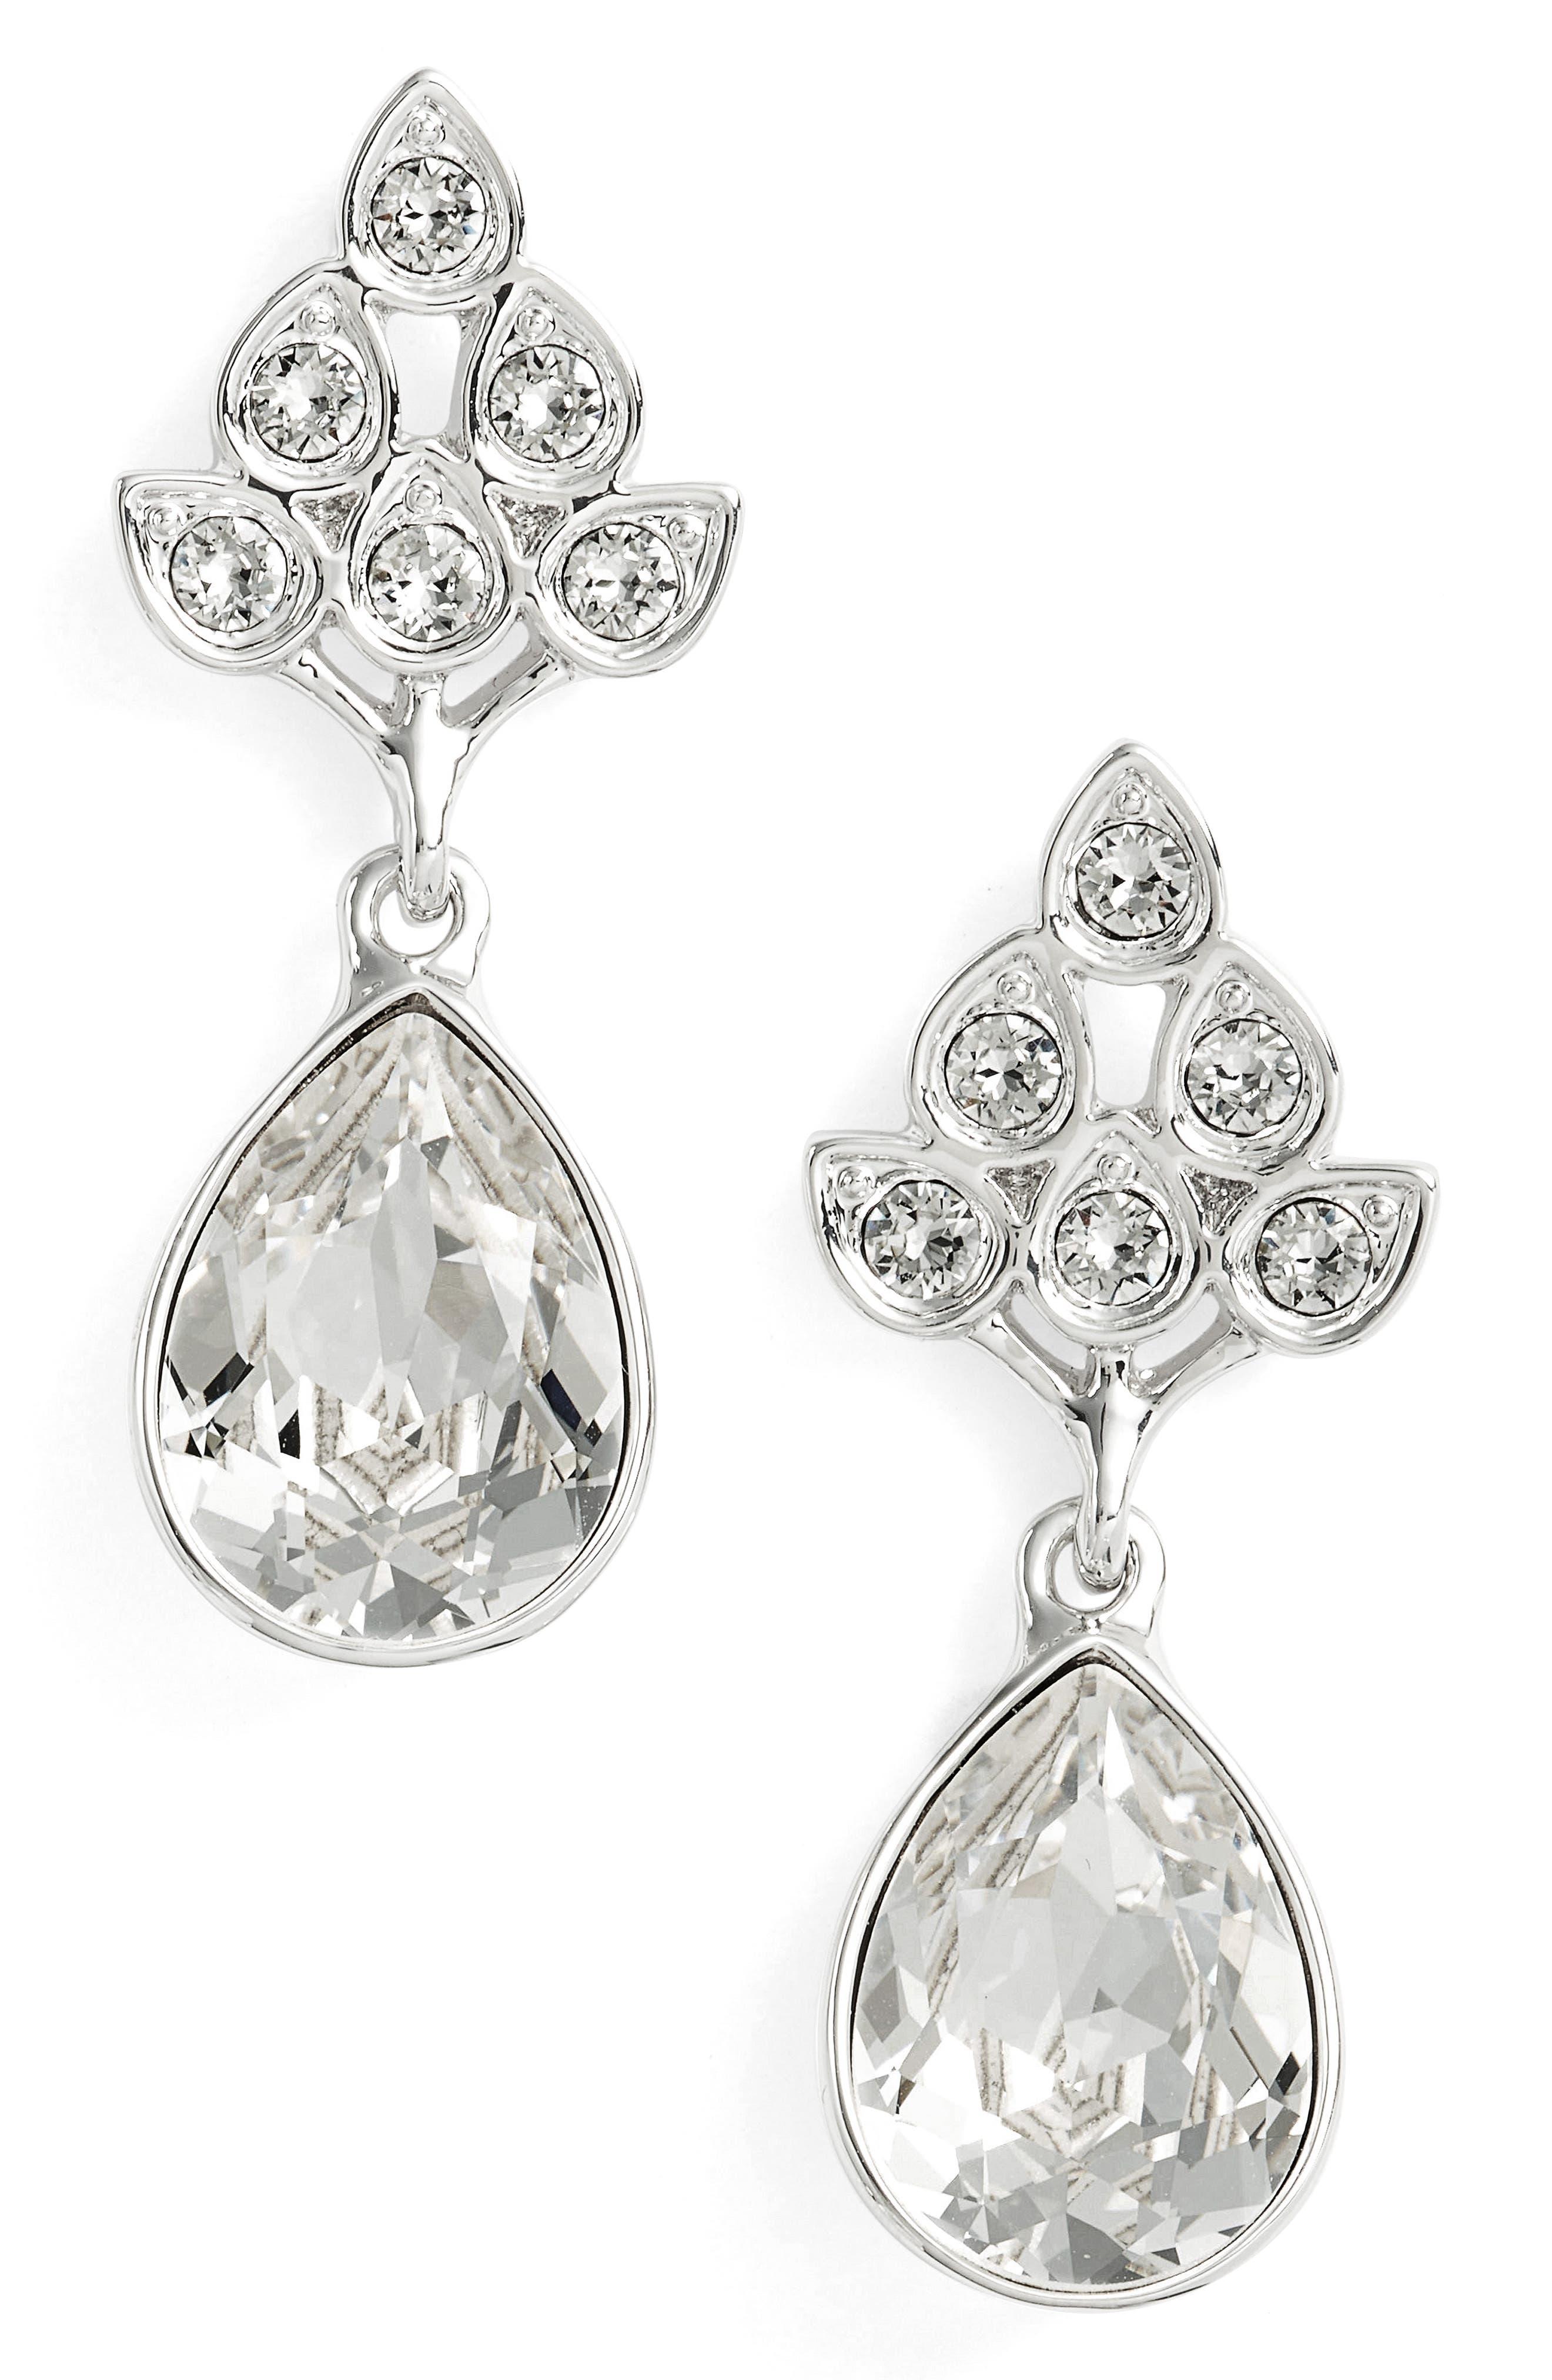 Nina Art Nouveau Double Drop Crystal Earrings